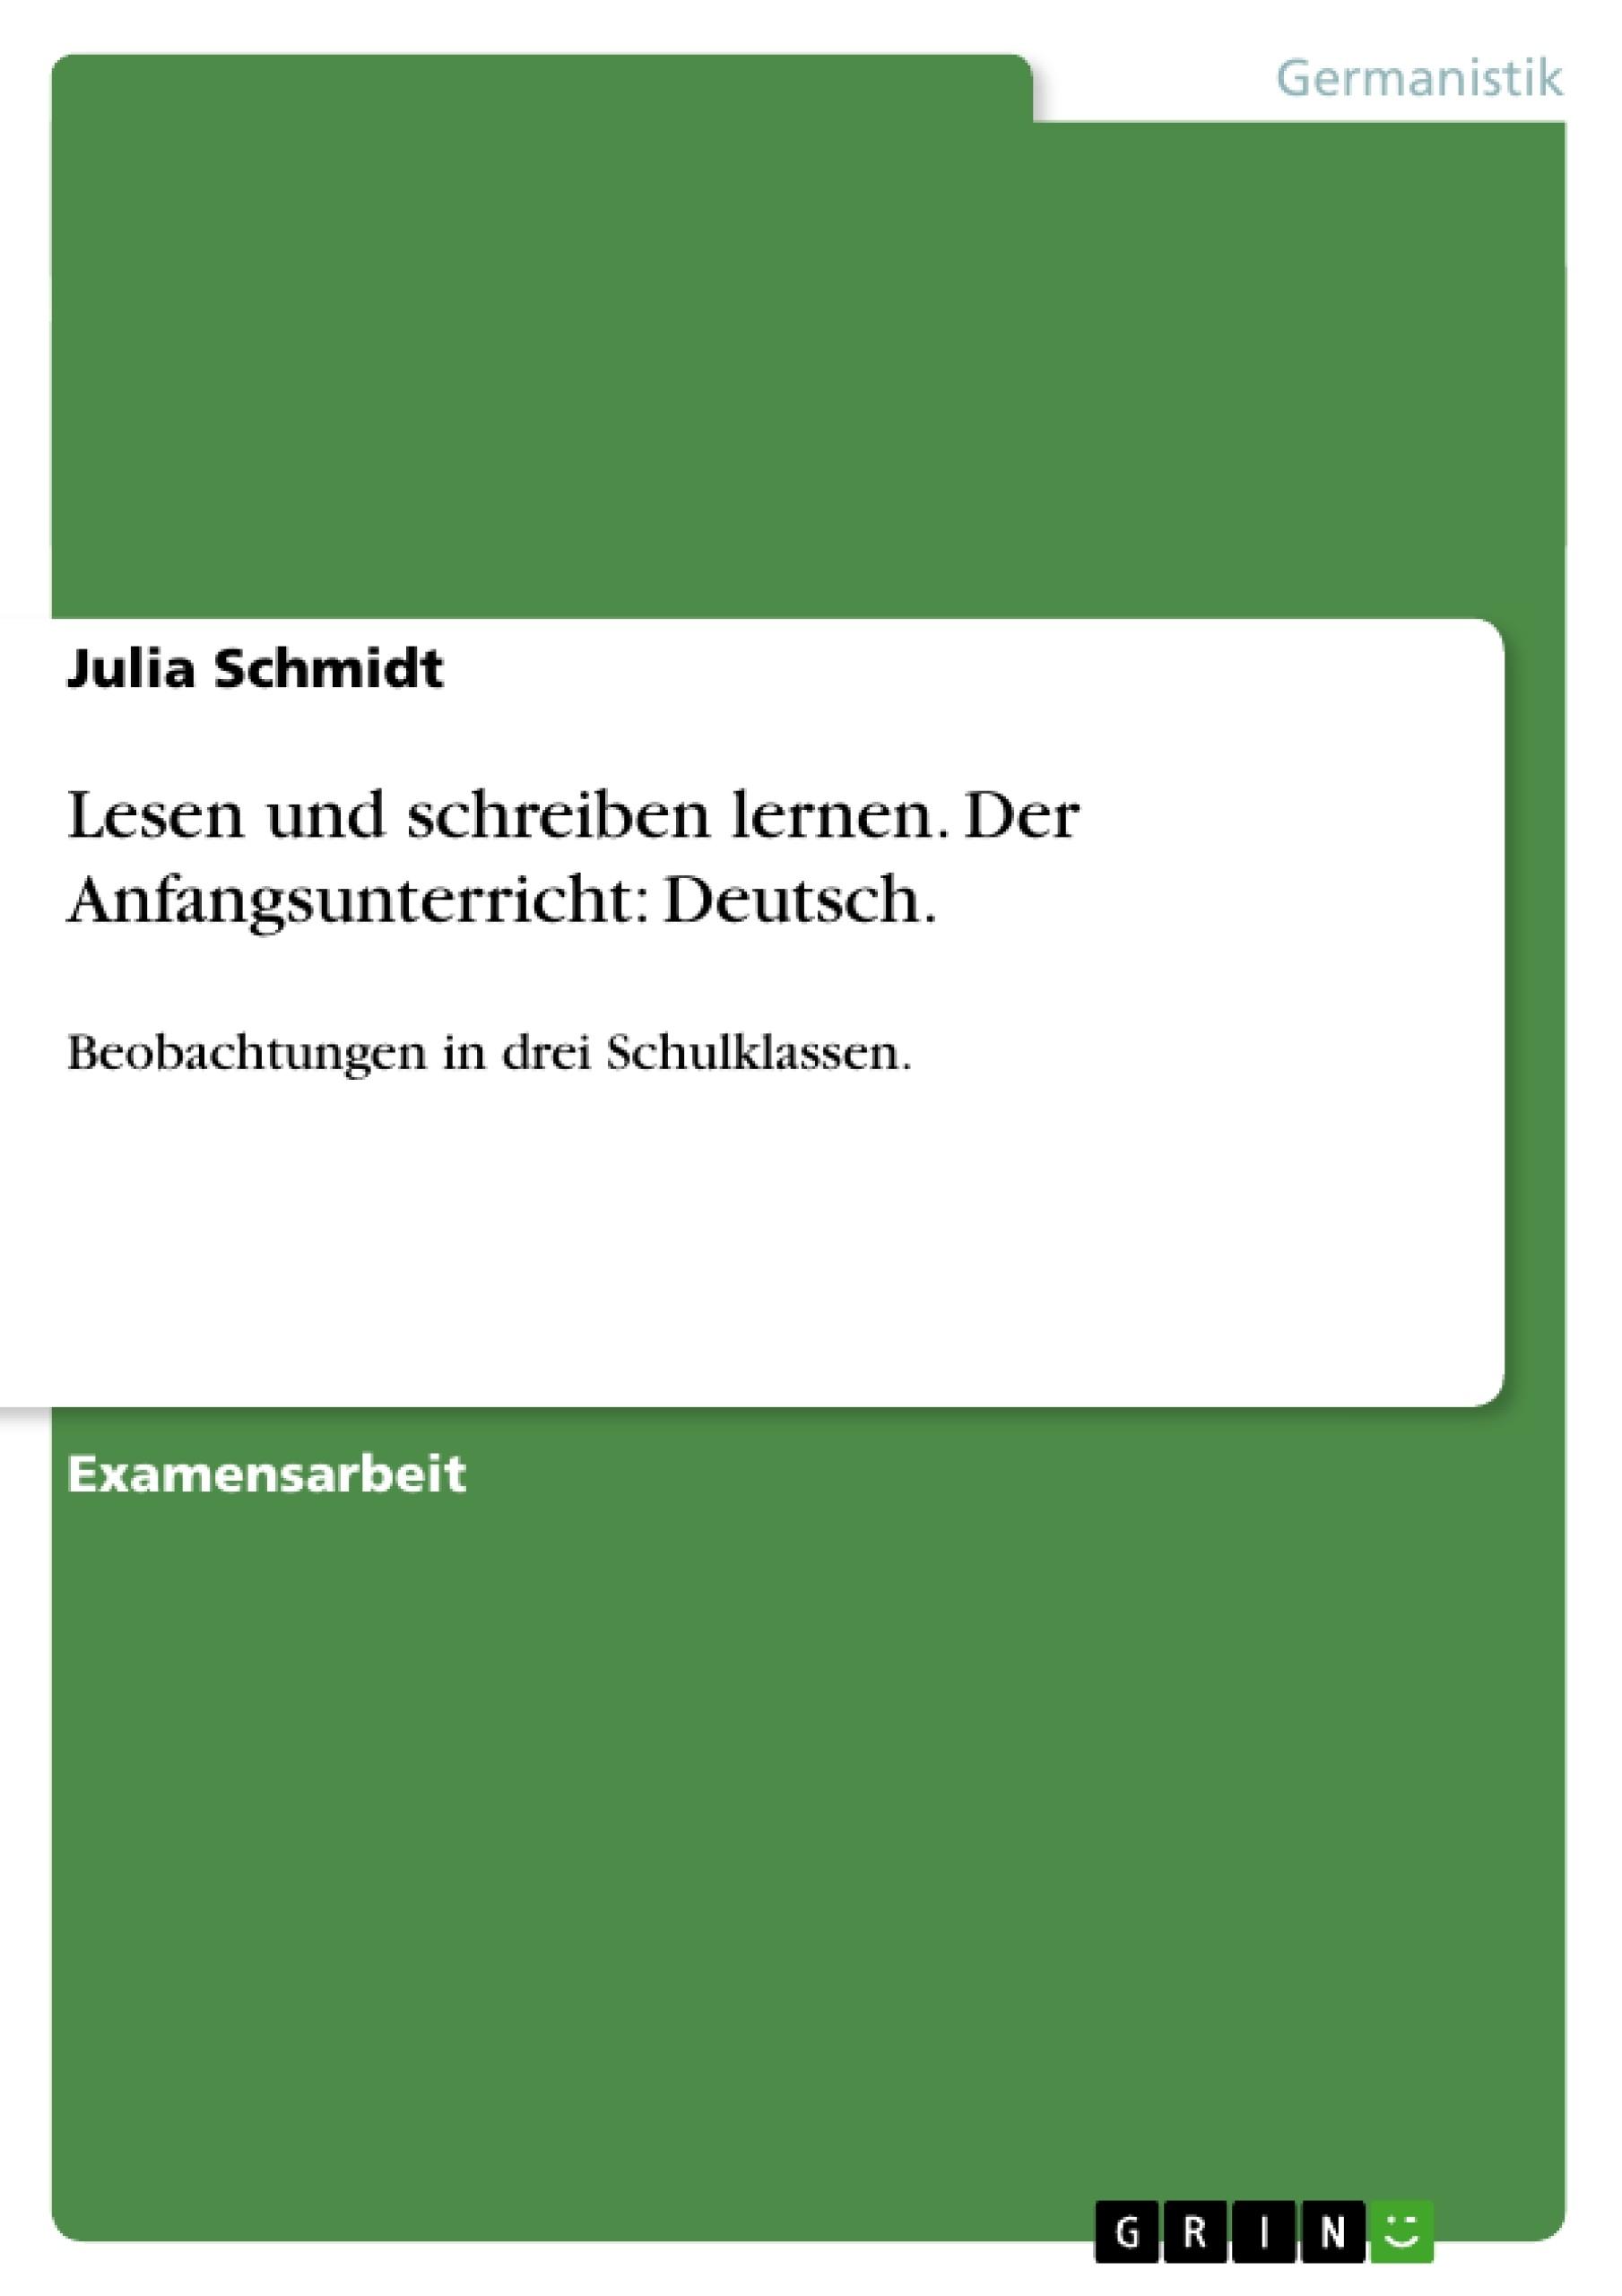 Titel: Lesen und schreiben lernen. Der Anfangsunterricht: Deutsch.